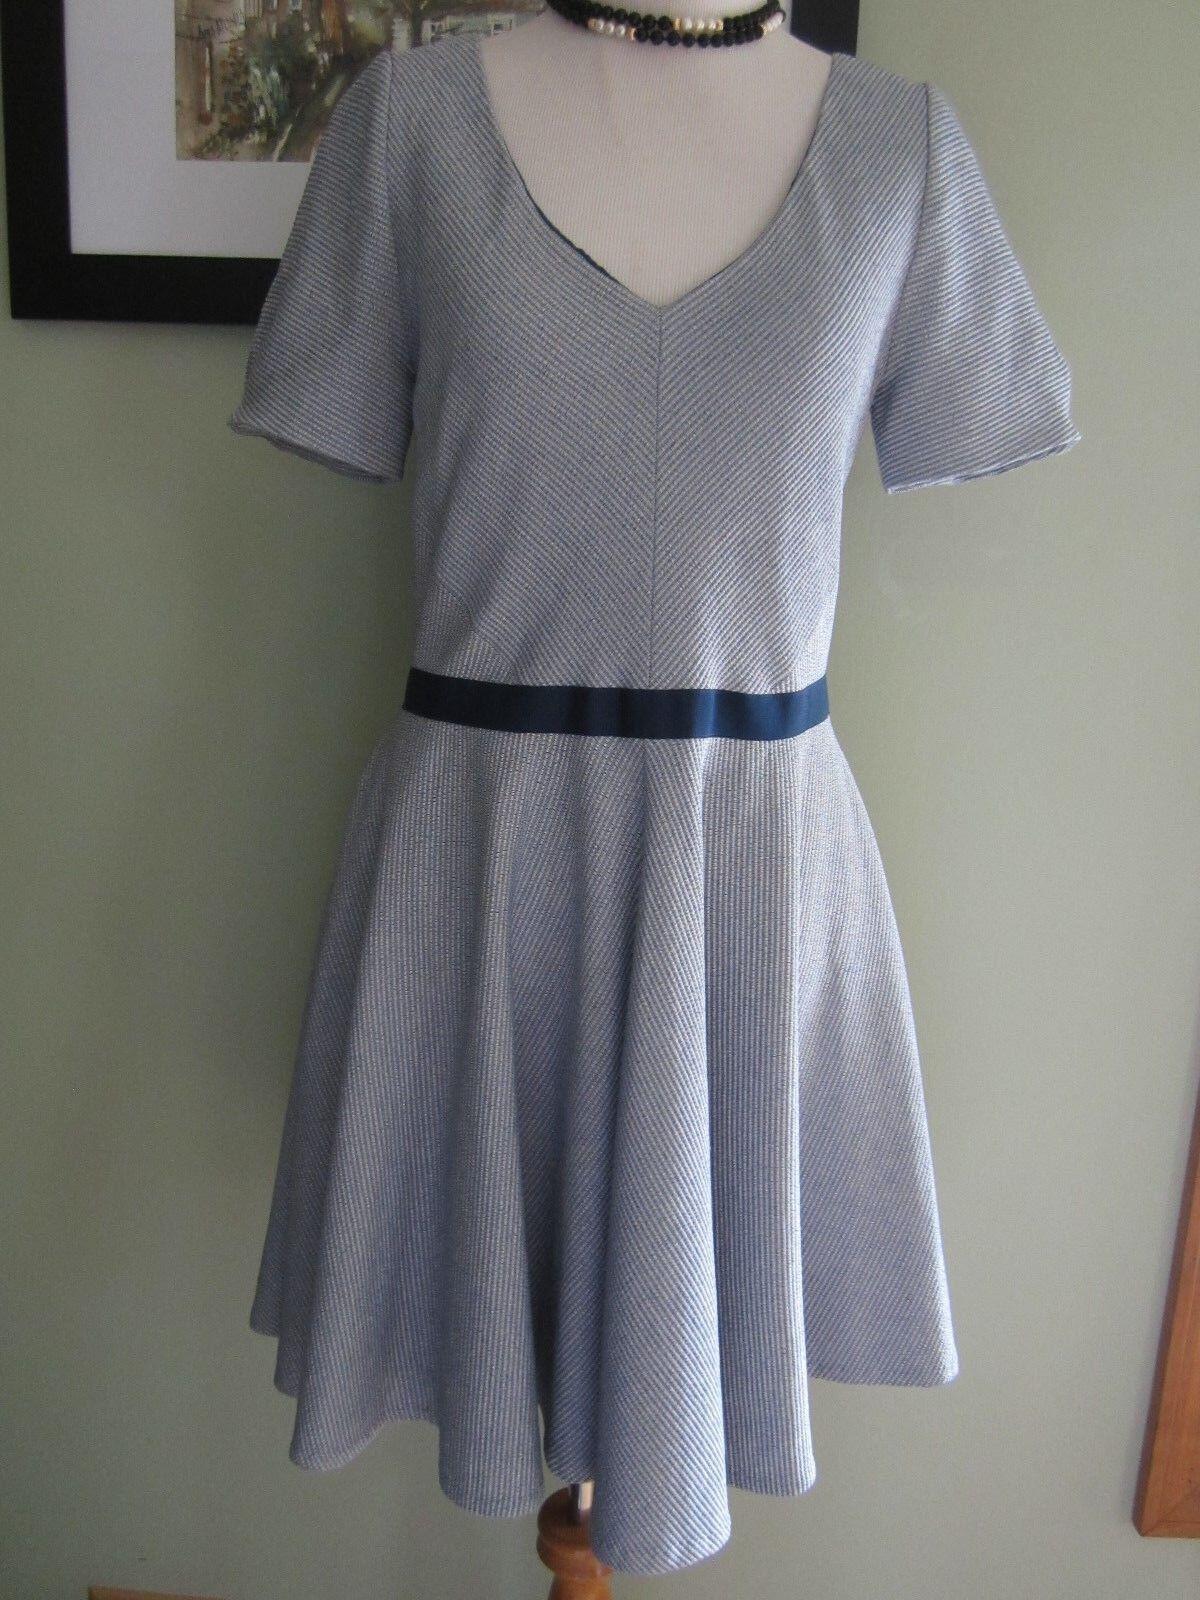 Z Spoke Zac Posen Blau Weiß Striped V Neck Dress Größe 10